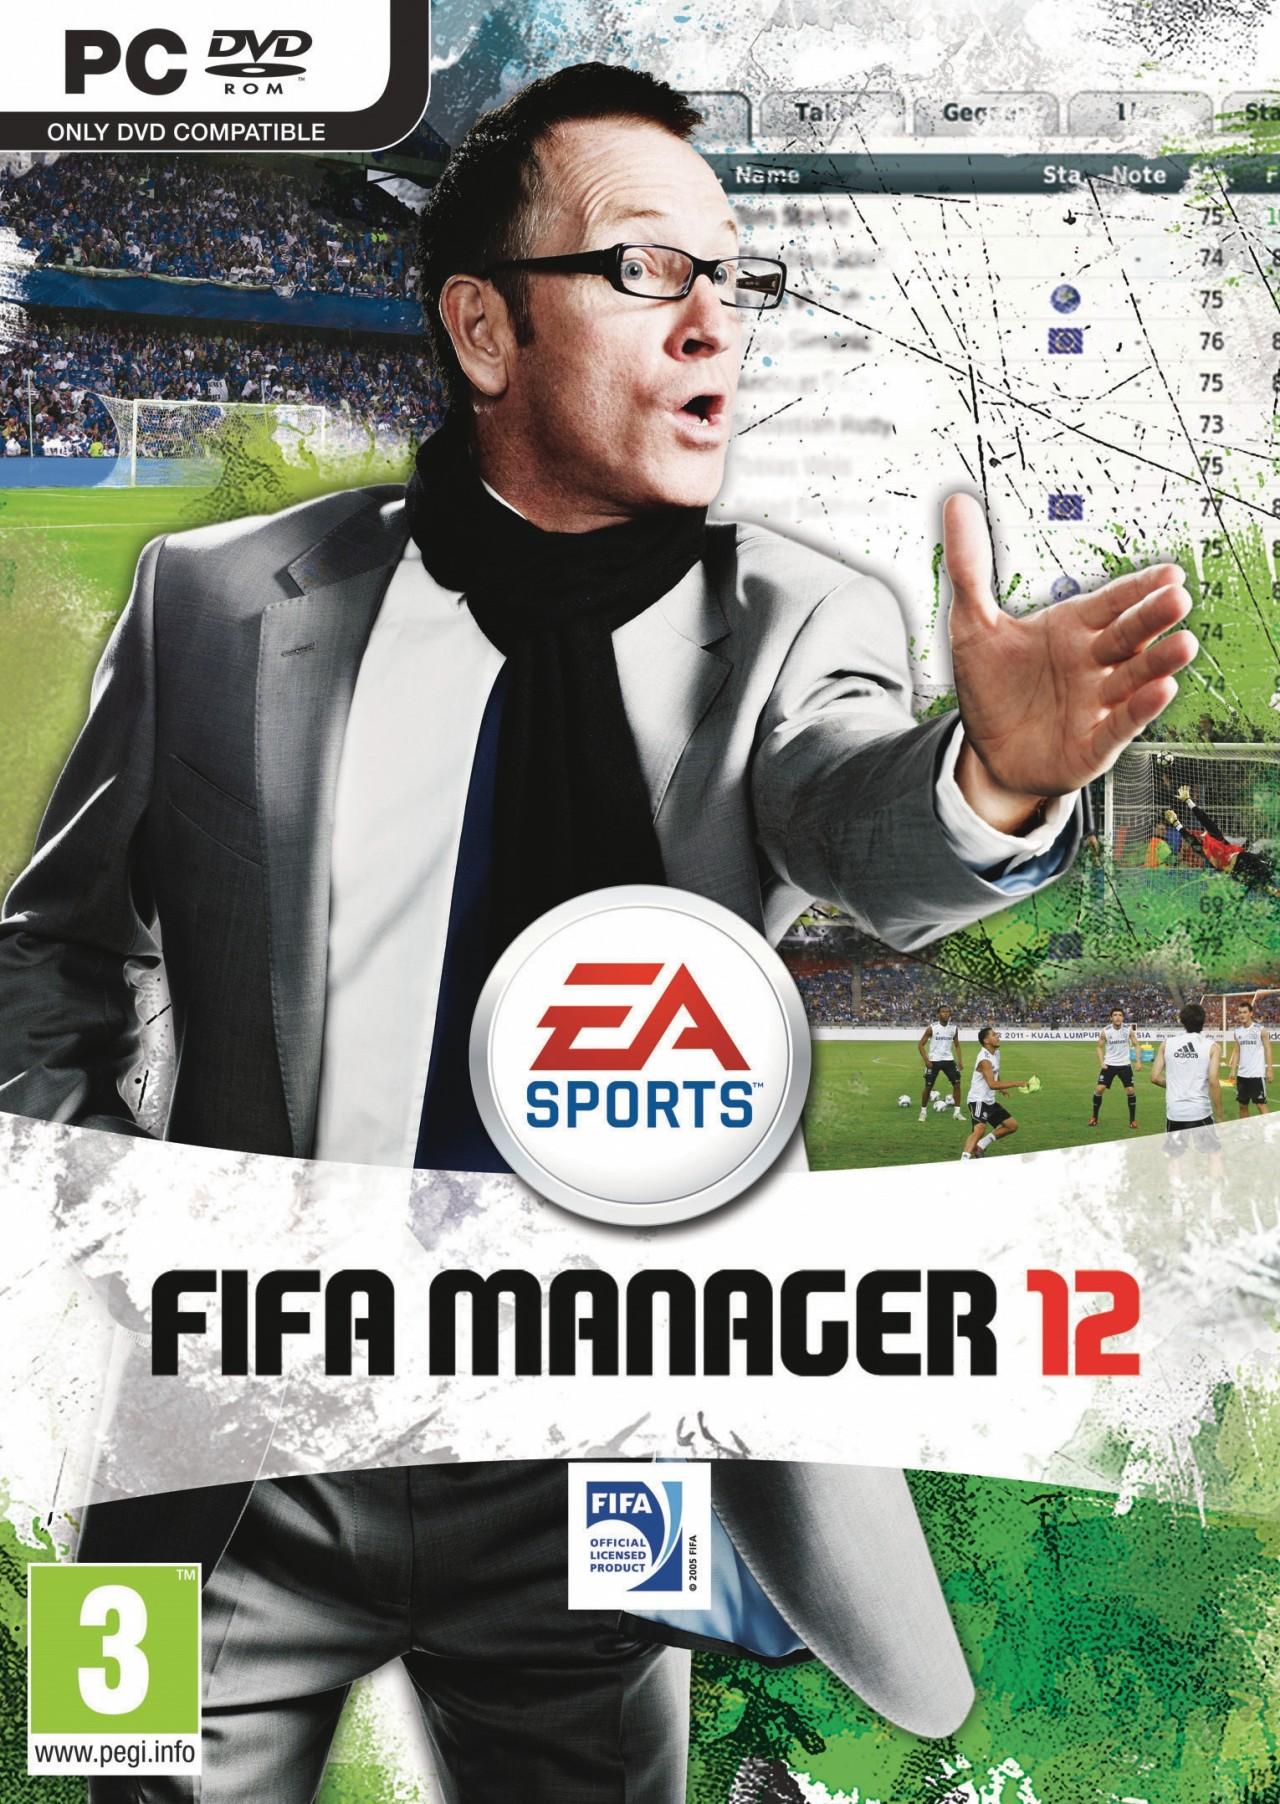 http://i.jeuxactus.com/datas/jeu/l/f/lfp-manager-12/xl/lfp-manager-12-4e56c435b3a6d.jpg